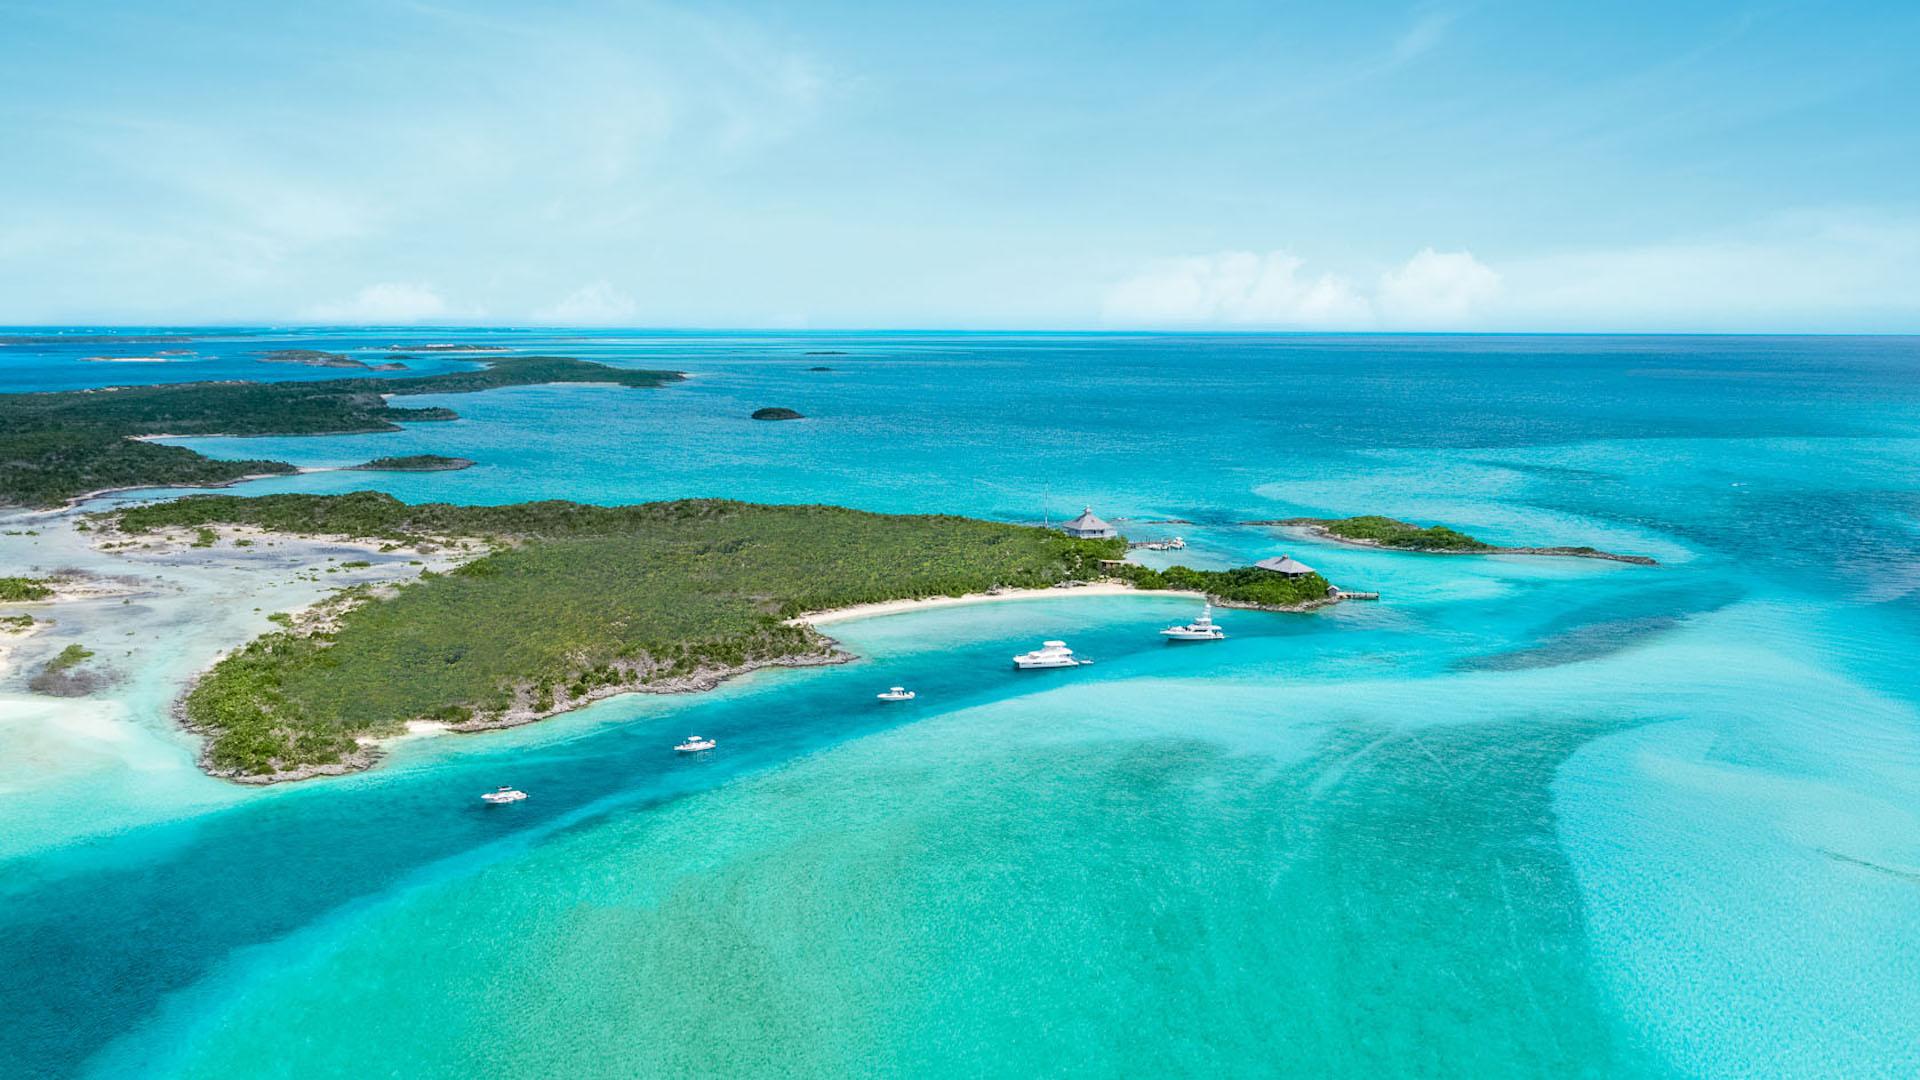 La aerolínea Copa Airlines vuelve a volar a Bahamas